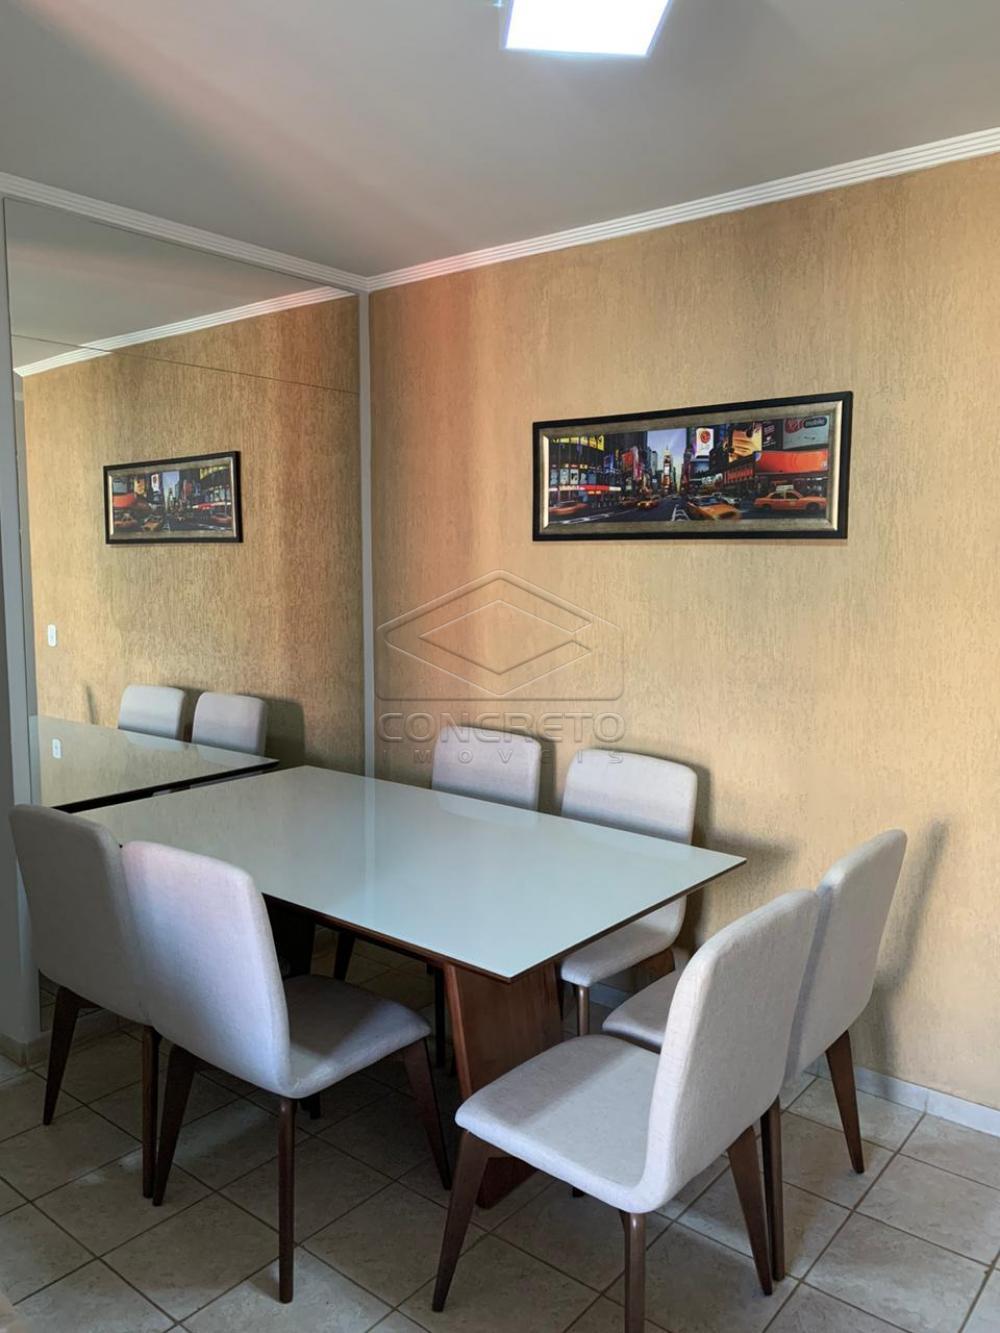 Comprar Apartamento / Padrão em Bauru apenas R$ 175.000,00 - Foto 17